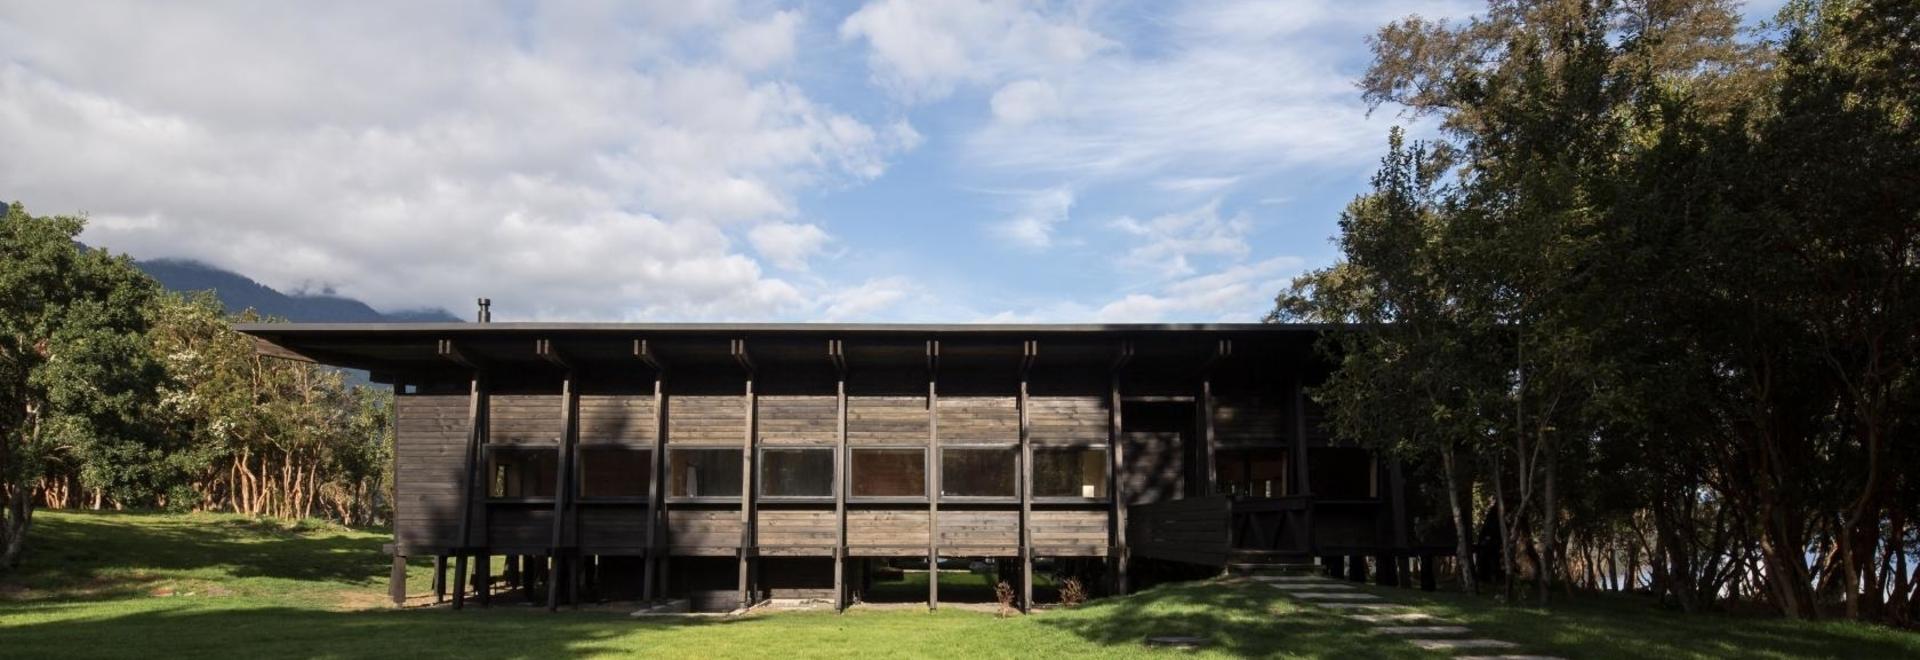 Ein Familienrefugium in Chile ist ganz aus Holz gebaut